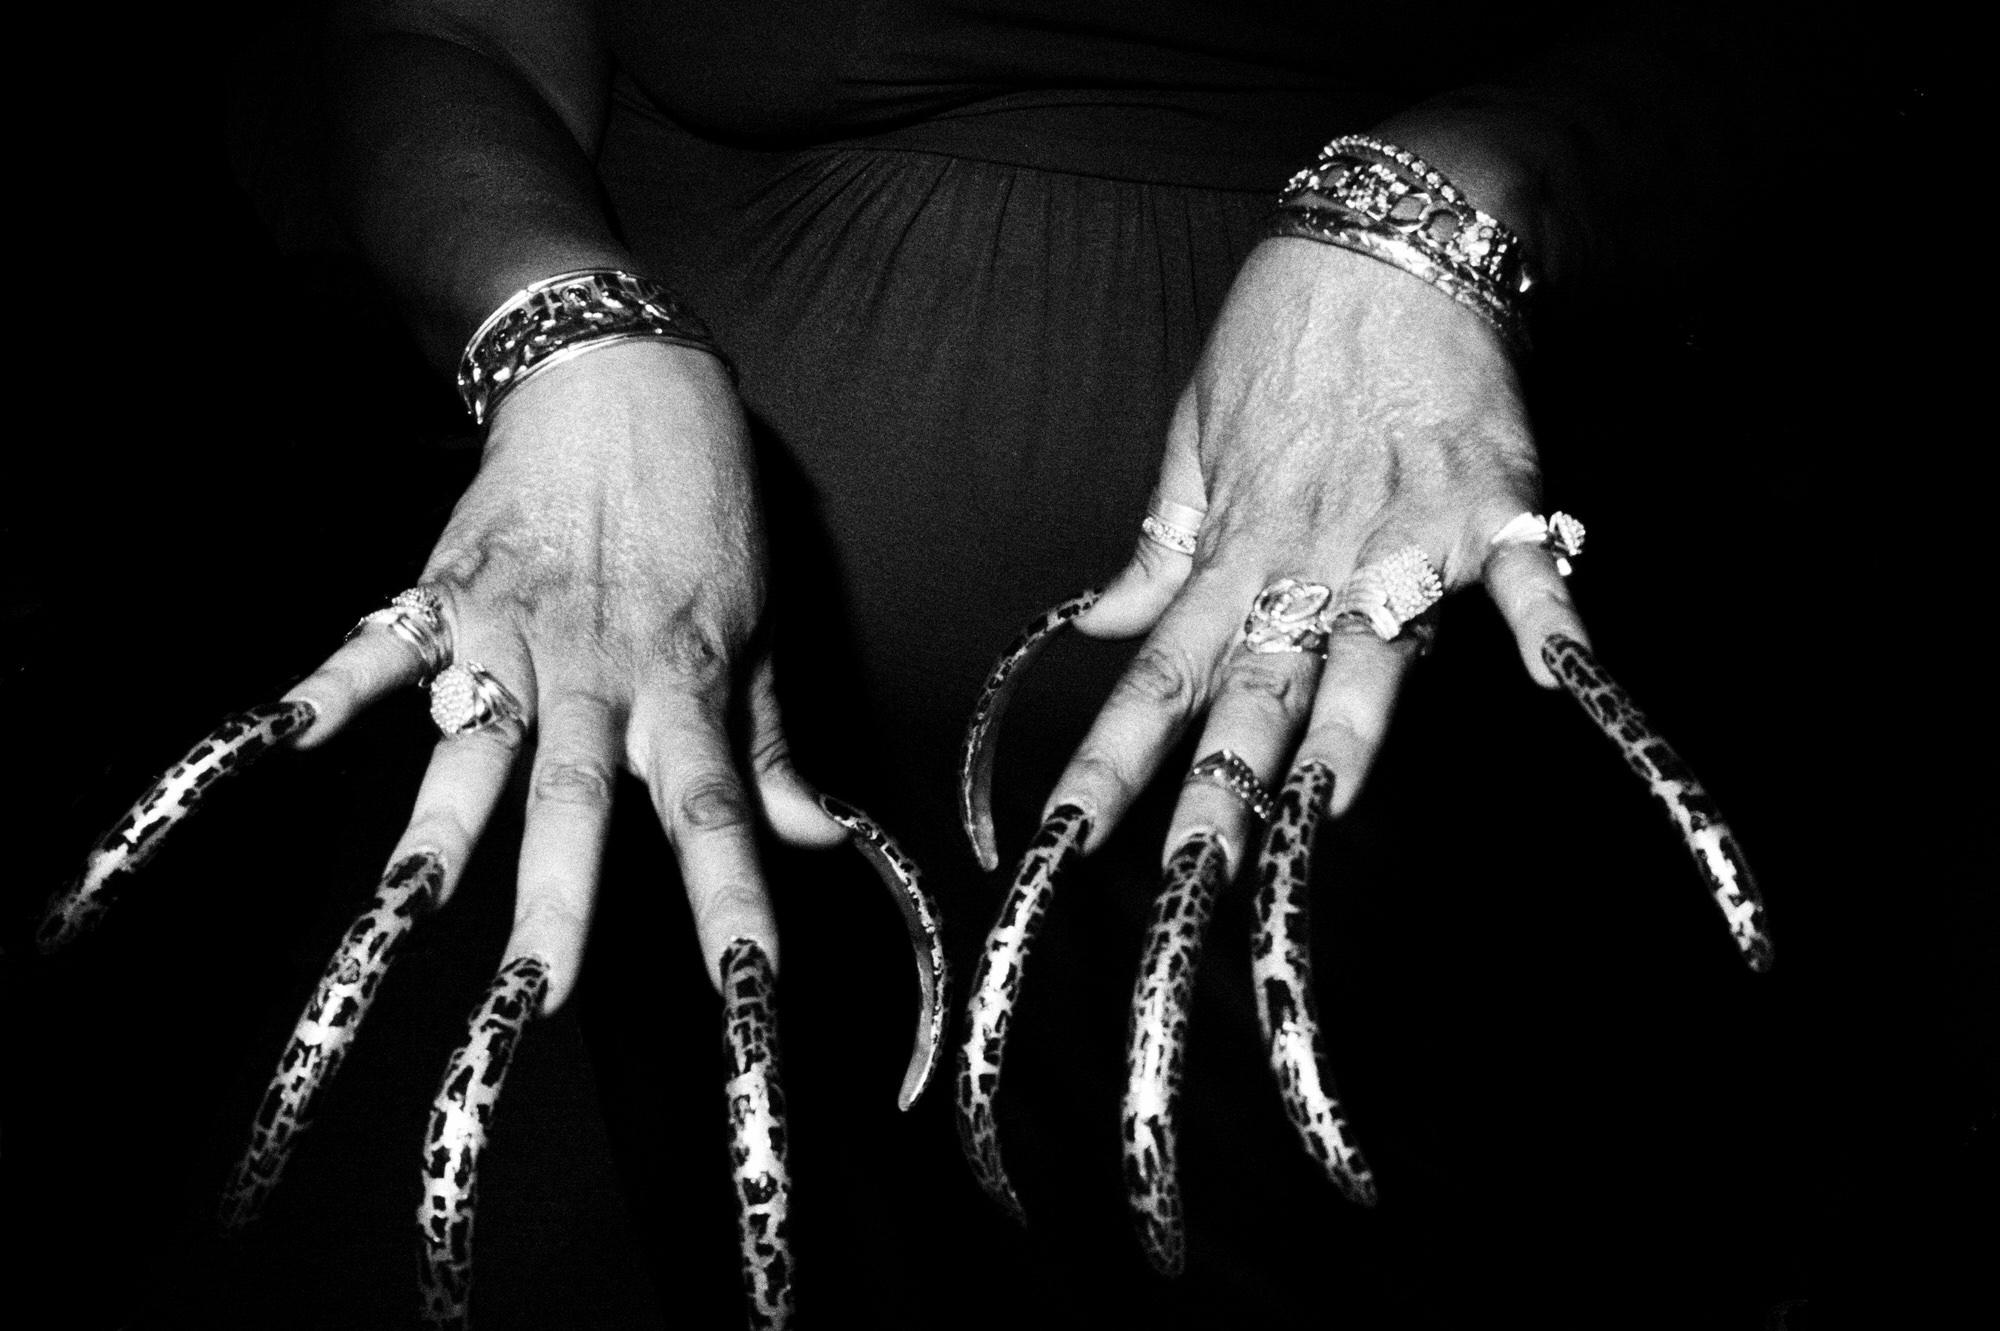 eric kim black and white street photography portfolio00003